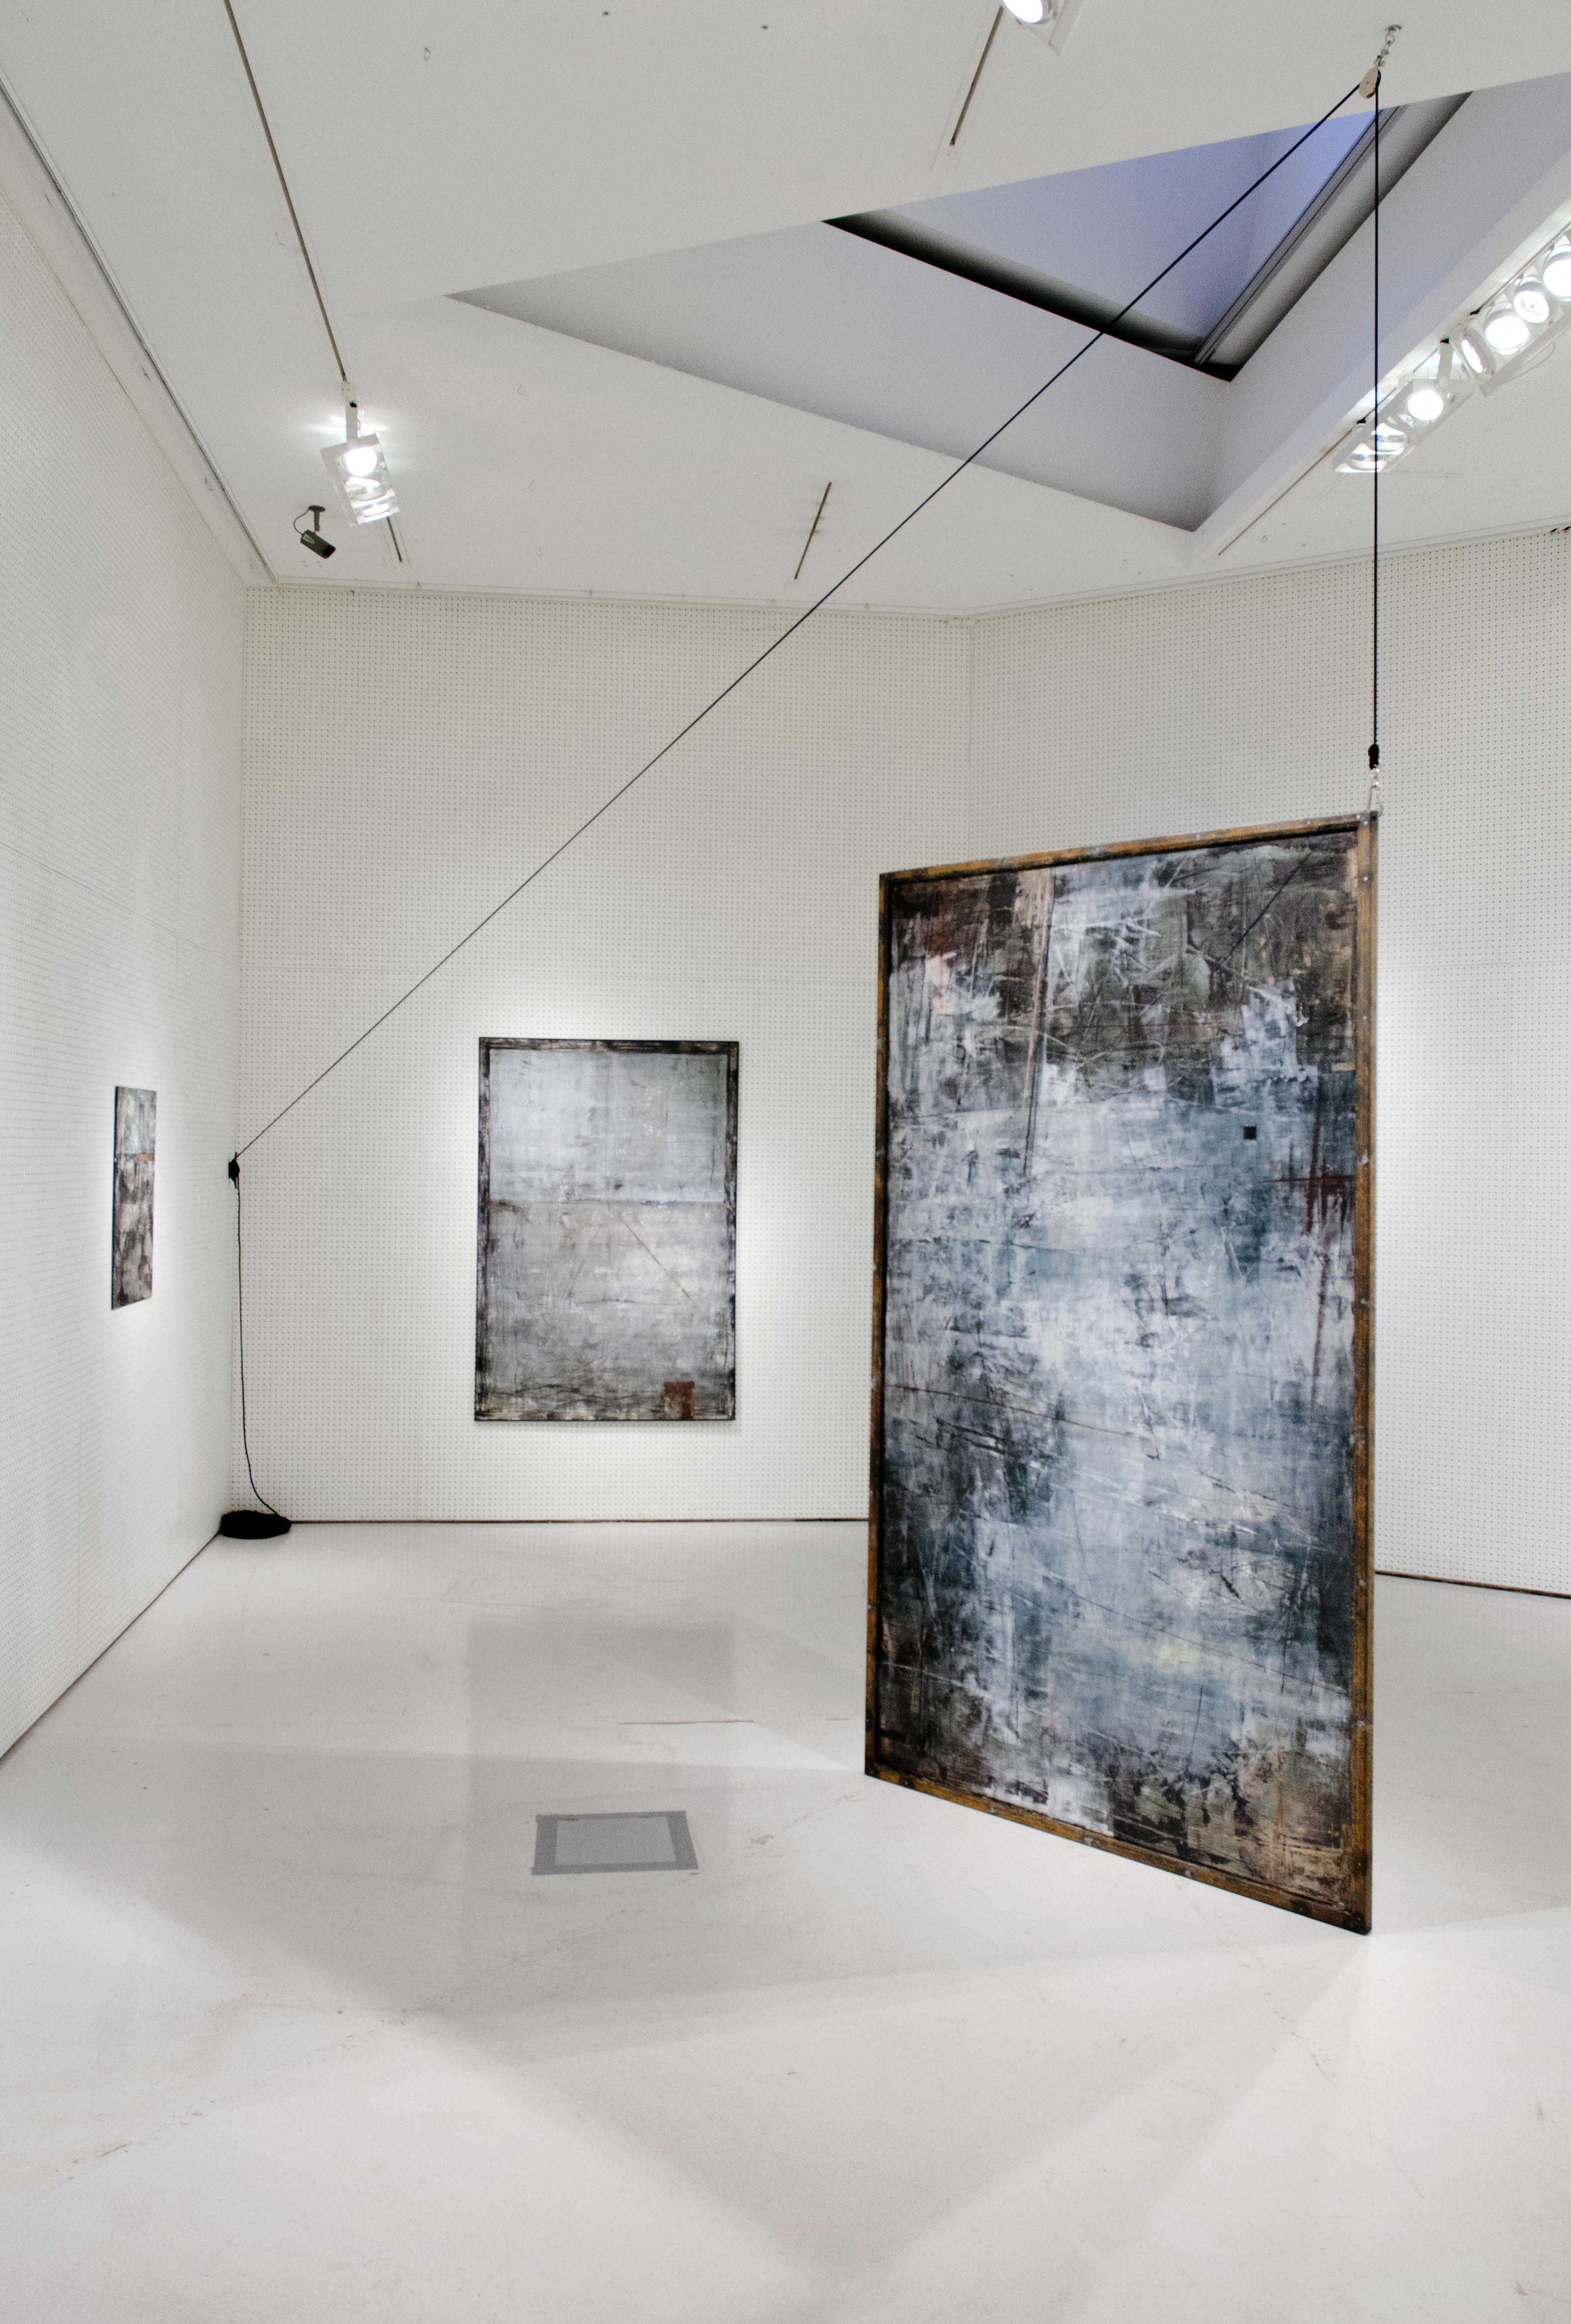 Kolme tekstuurista mustavalkomaalausta ripustettu galleriatilaan.